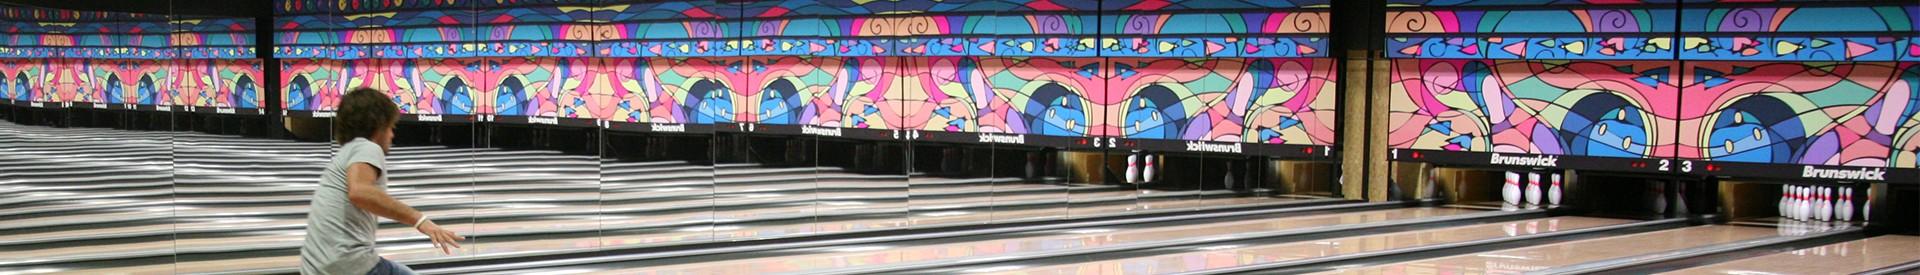 jade-bowling-3-244